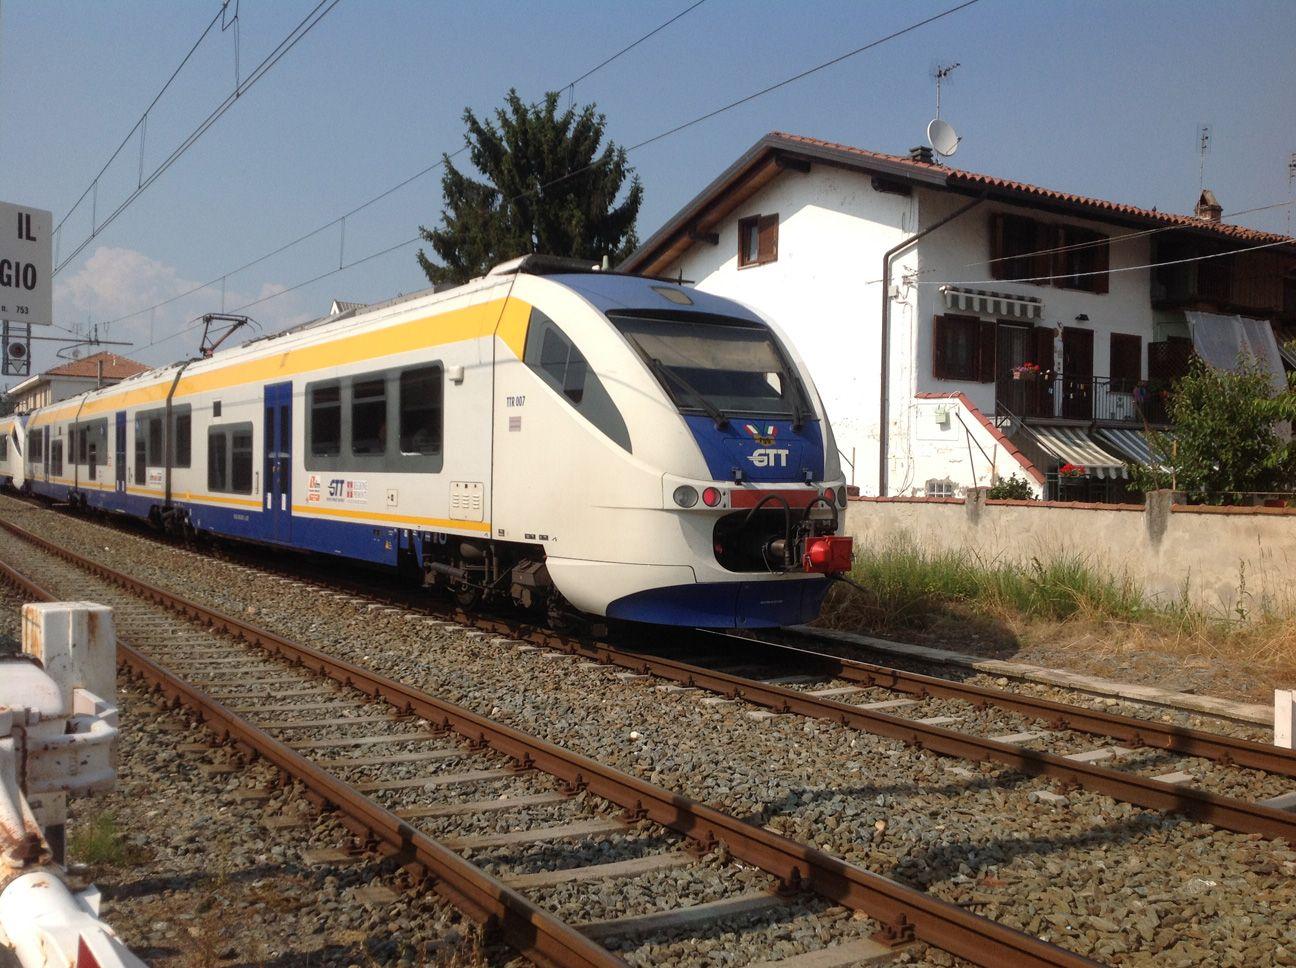 FERROVIA CANAVESANA E TORINO-CERES - Treni sempre in ritardo, scattano gli sconti per i pendolari